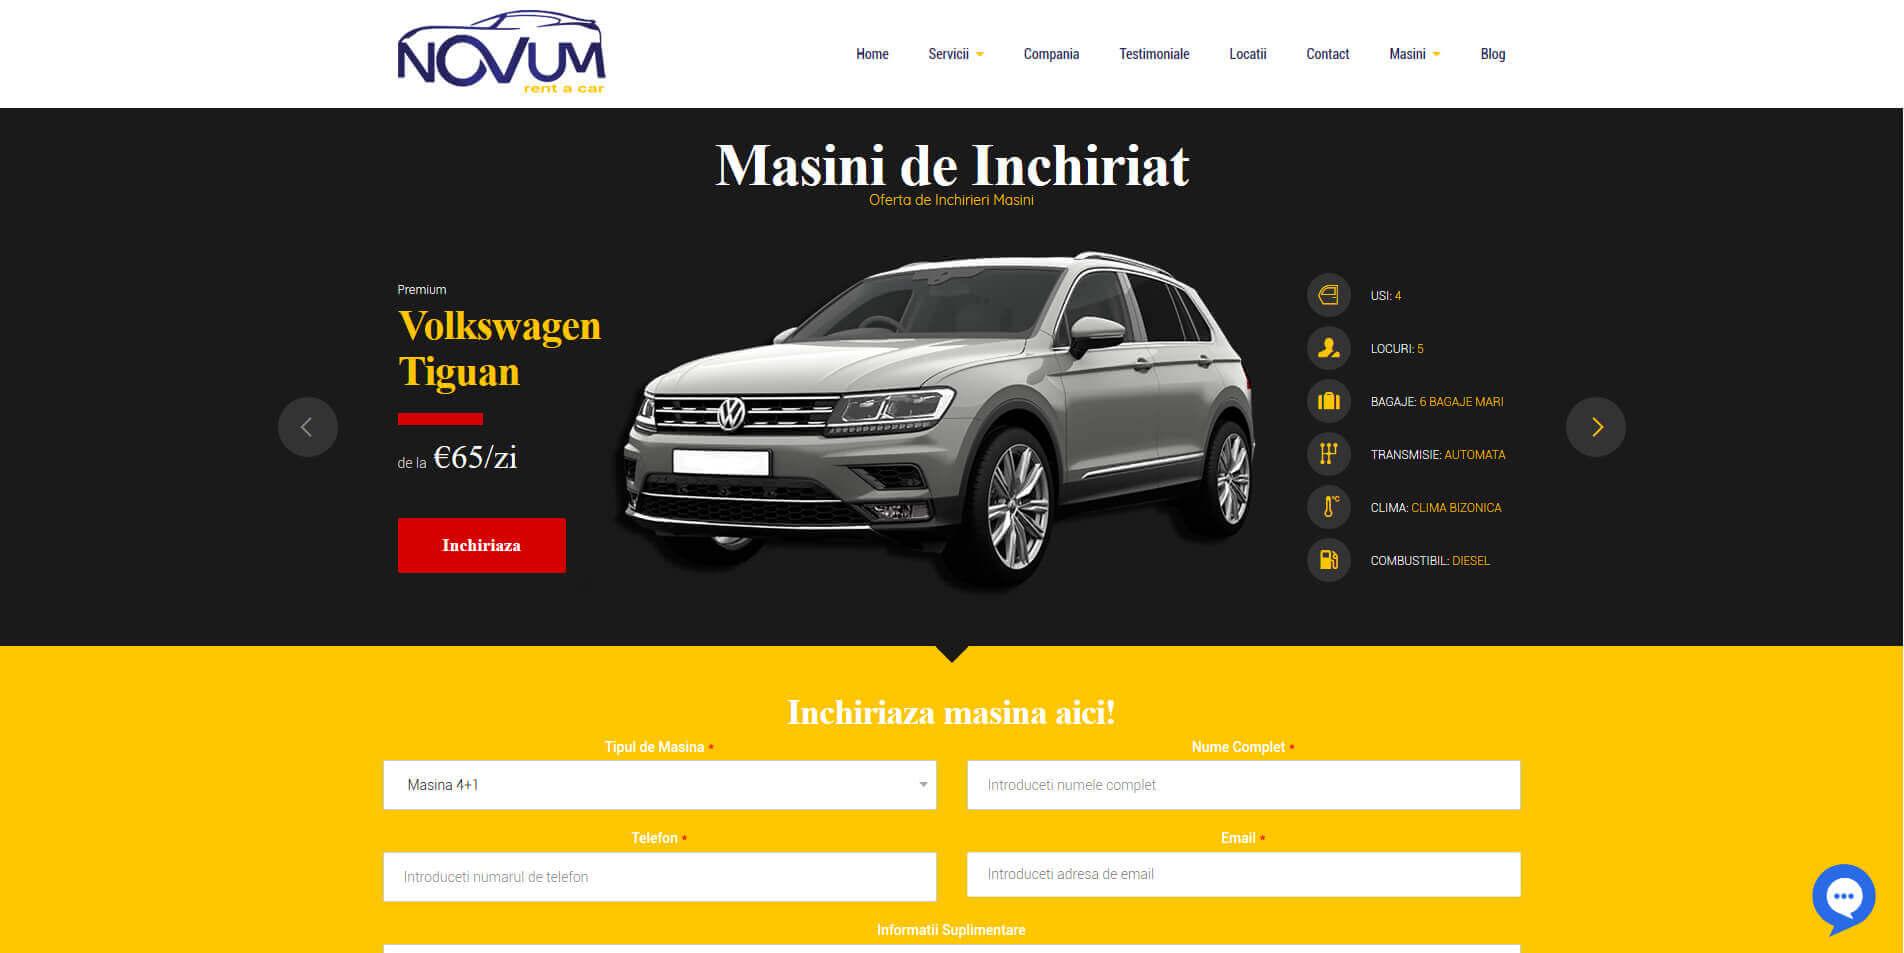 Solutii Web Design Timisoara